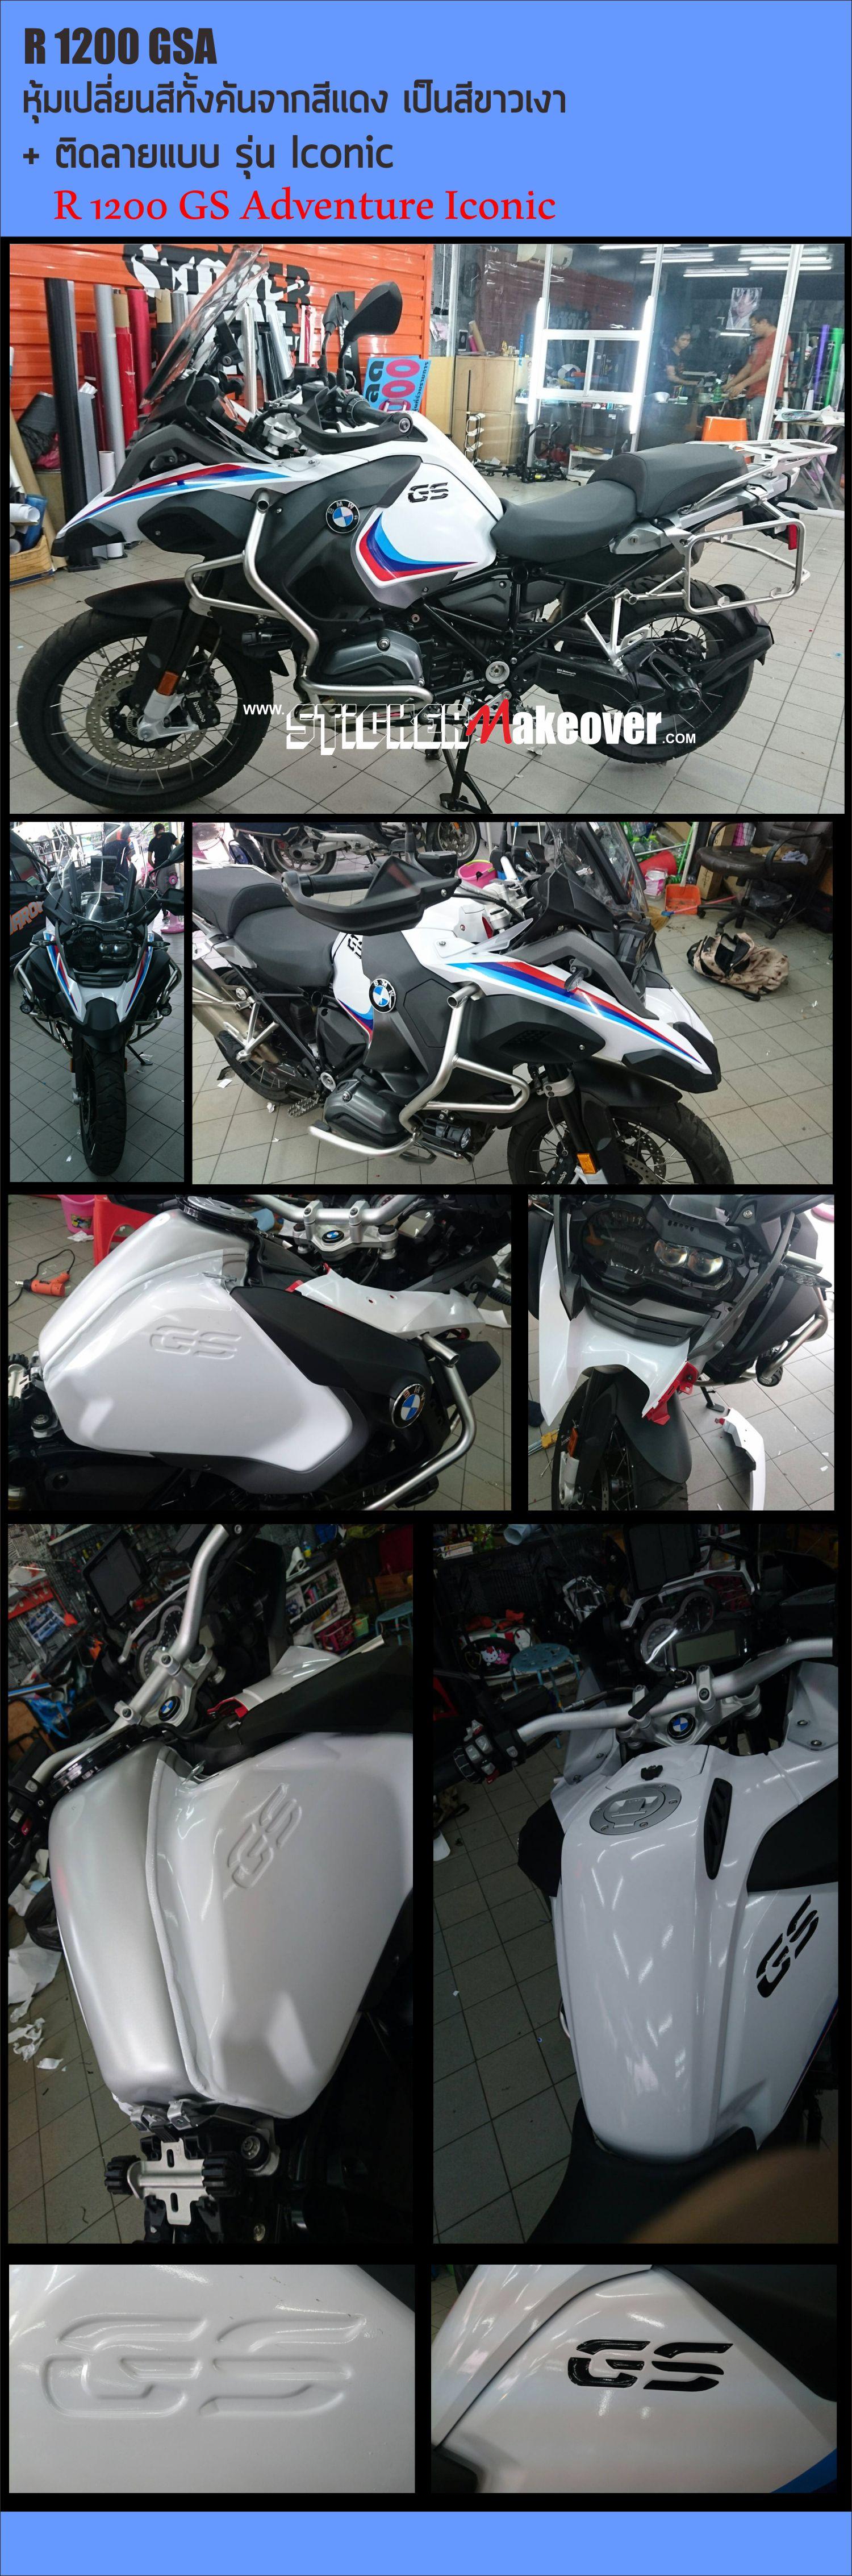 สติกเกอร์ BMW gsa r1200 wrap bigbike  ติดลาย bigbike  หุ้มใสกันรอยbigbike  หุ้มเปลี่ยนสีbigbike  แต่งลายbigbike  สติกเกอร์bigbike  แต่งbigbike  wrap sticker bmw gsa r1200  iconic limited edition wrapเปลี่ยนสีโช้ค dacati